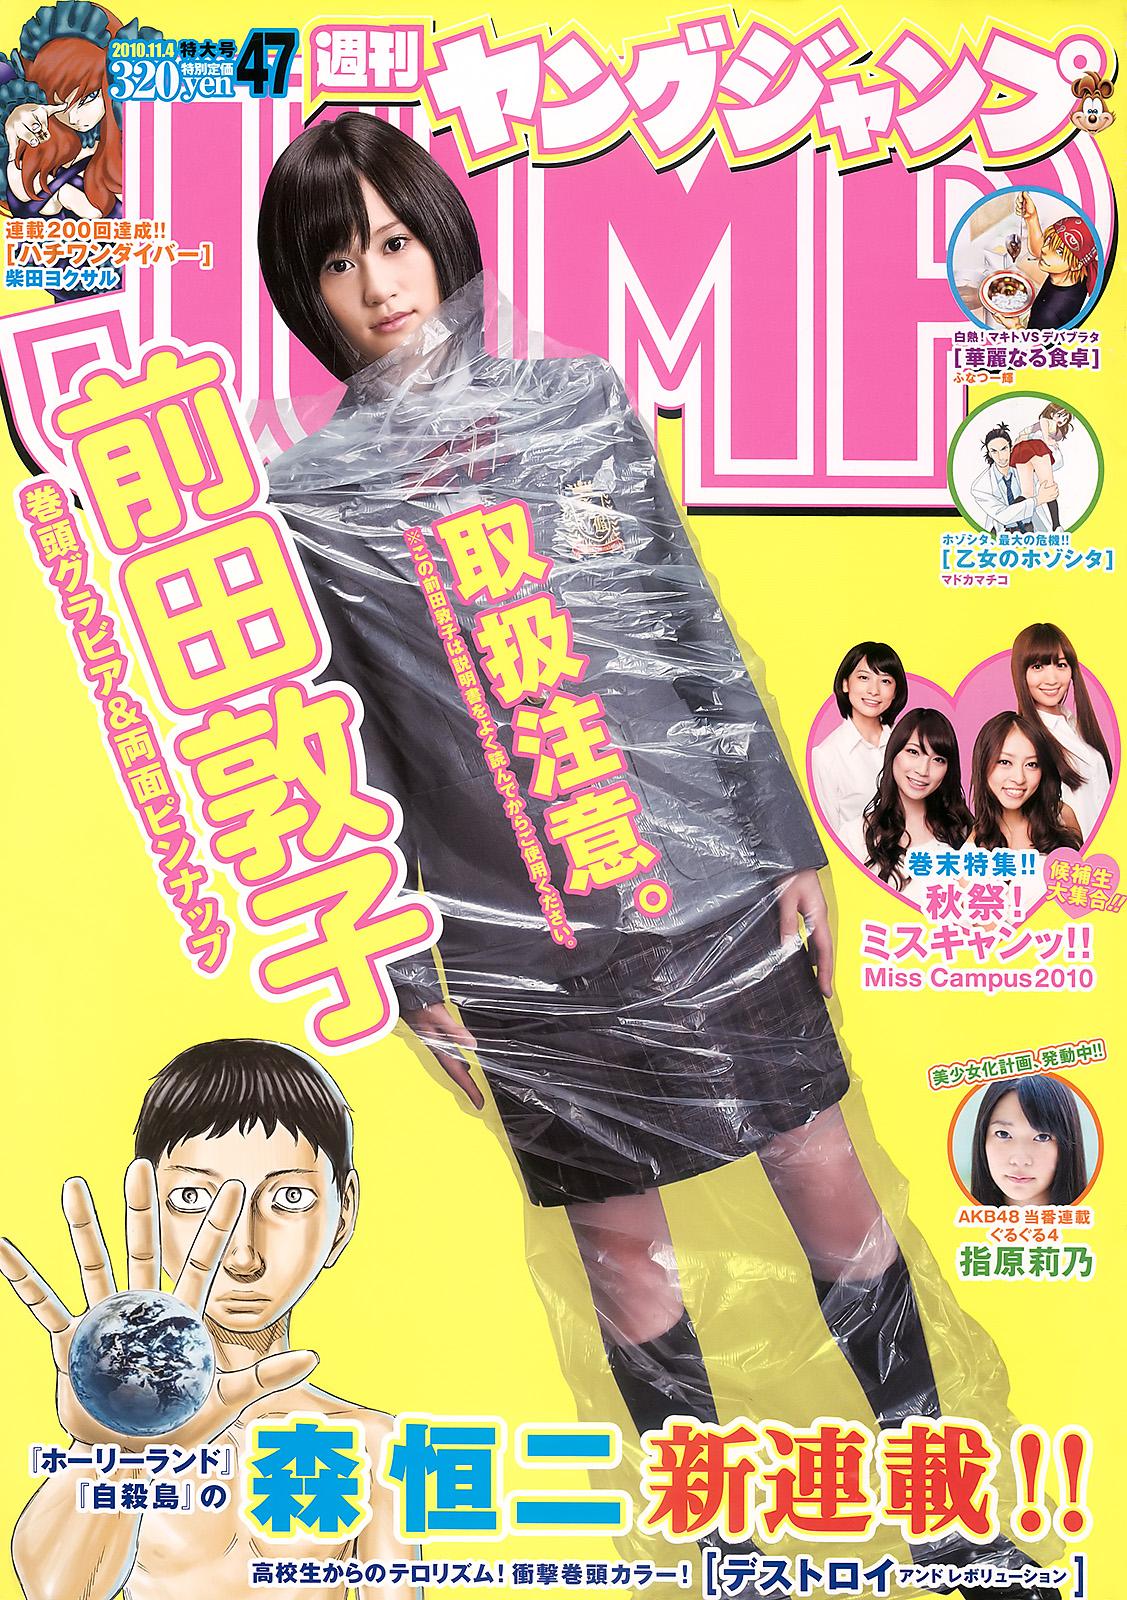 YOUNG JUMP 2010 No.47 (AKB48 -Maeda Atsuko)